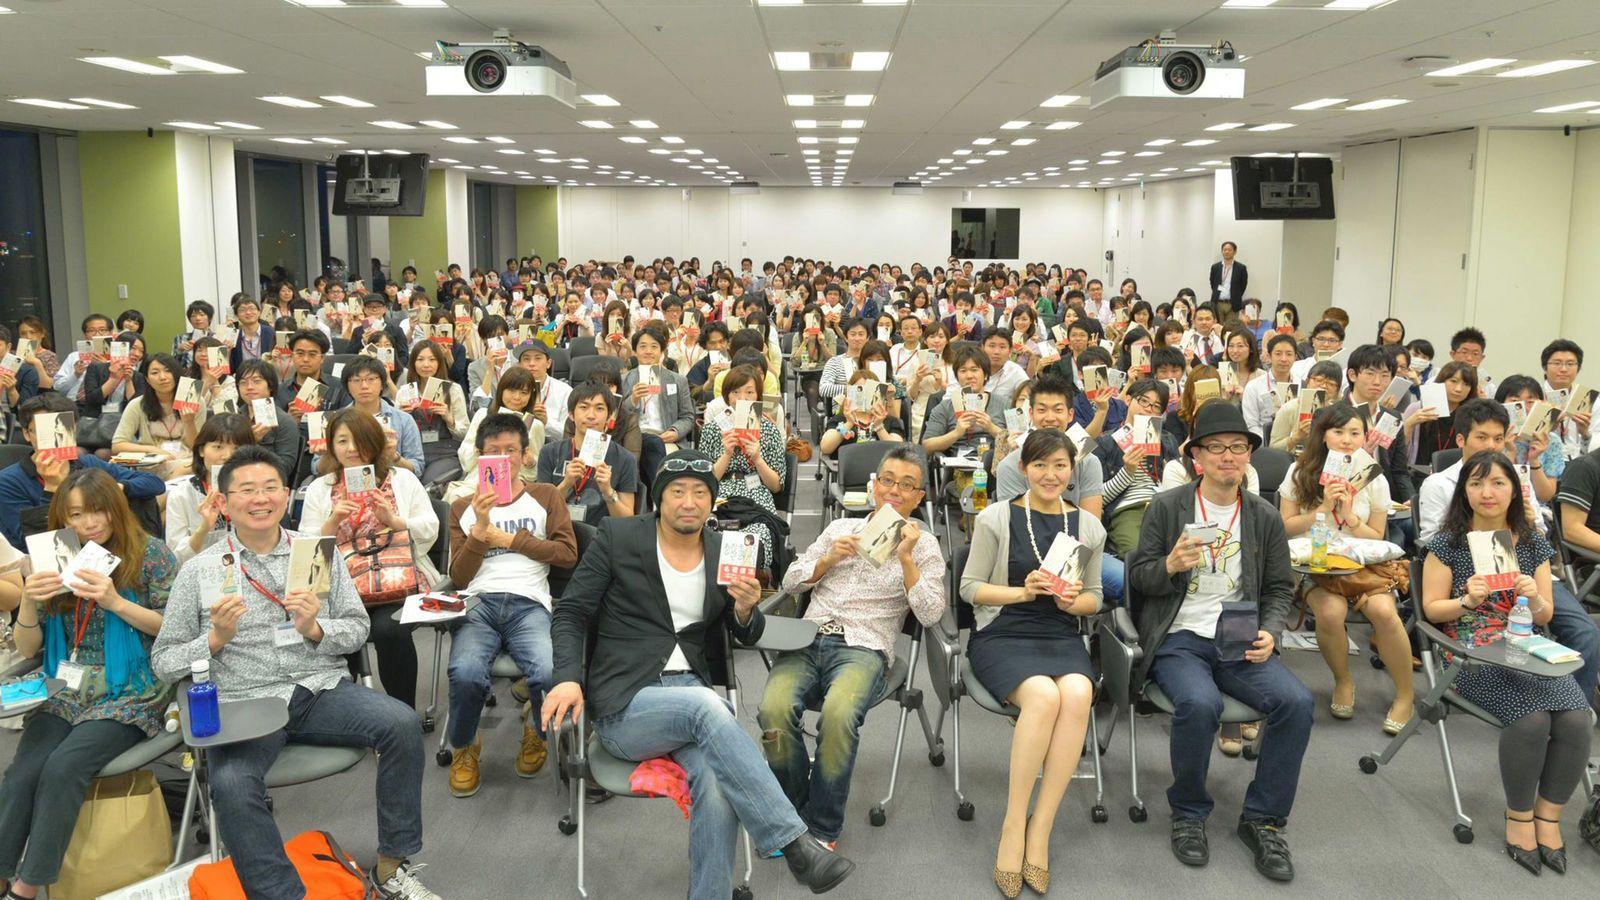 日本一の読書会を育てた「たった1つのルール」 1冊の本を語る場として年200回開催